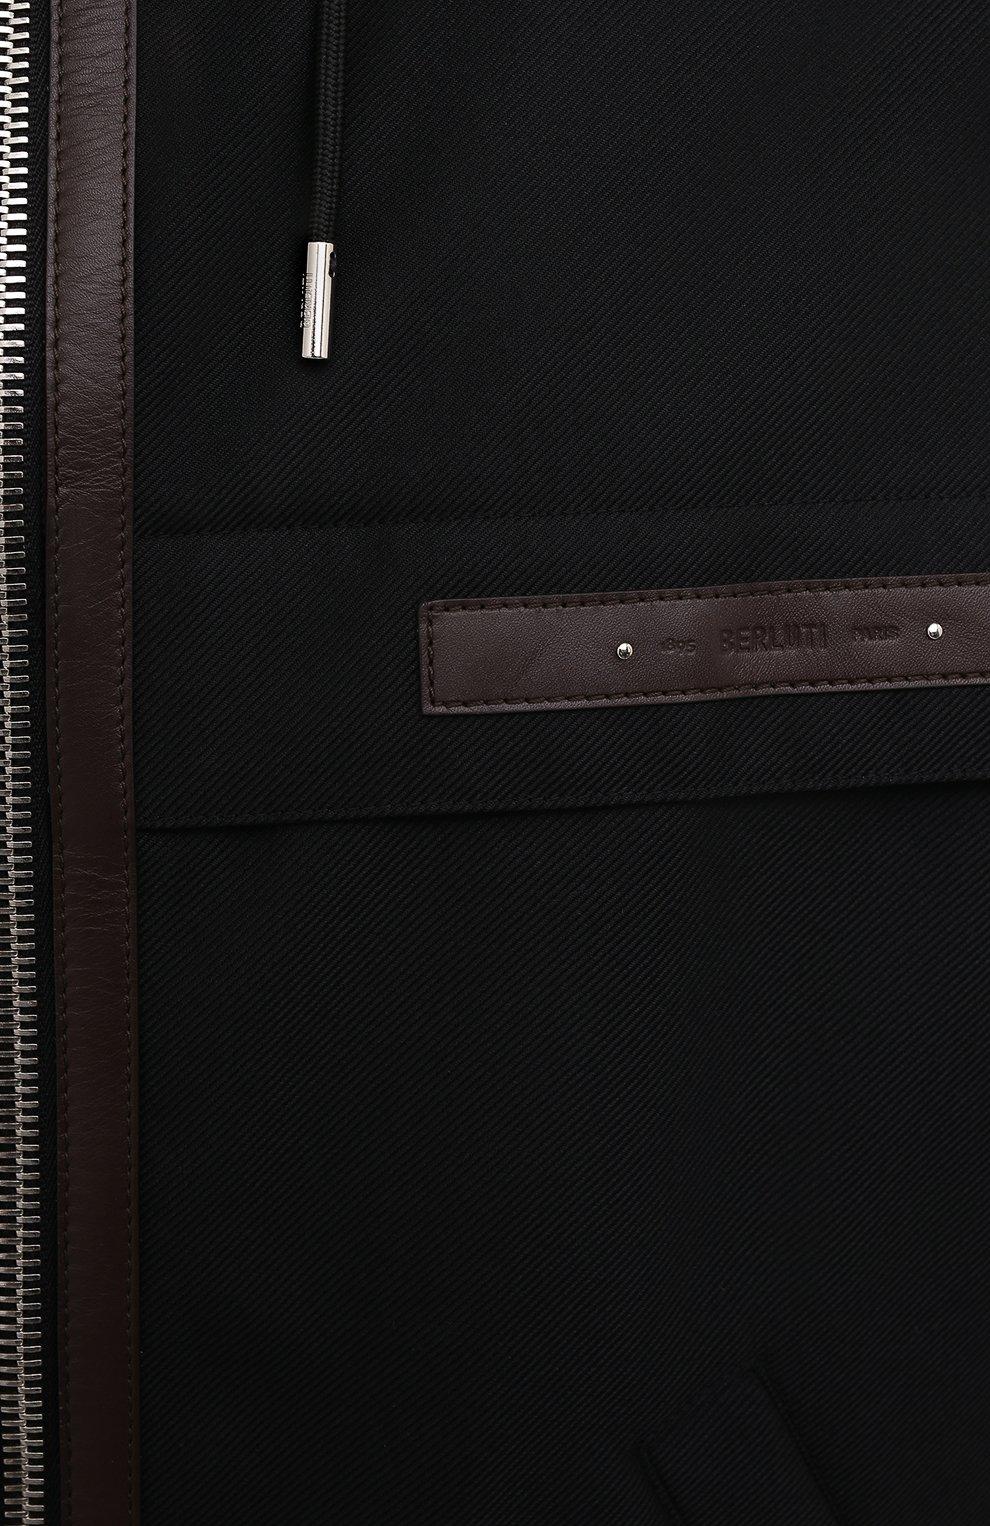 Мужской бомбер BERLUTI черного цвета, арт. R200BL102-001   Фото 5 (Кросс-КТ: Куртка; Материал внешний: Шерсть, Синтетический материал; Рукава: Длинные; Принт: Без принта; Длина (верхняя одежда): Короткие; Материал подклада: Купро; Стили: Кэжуэл)